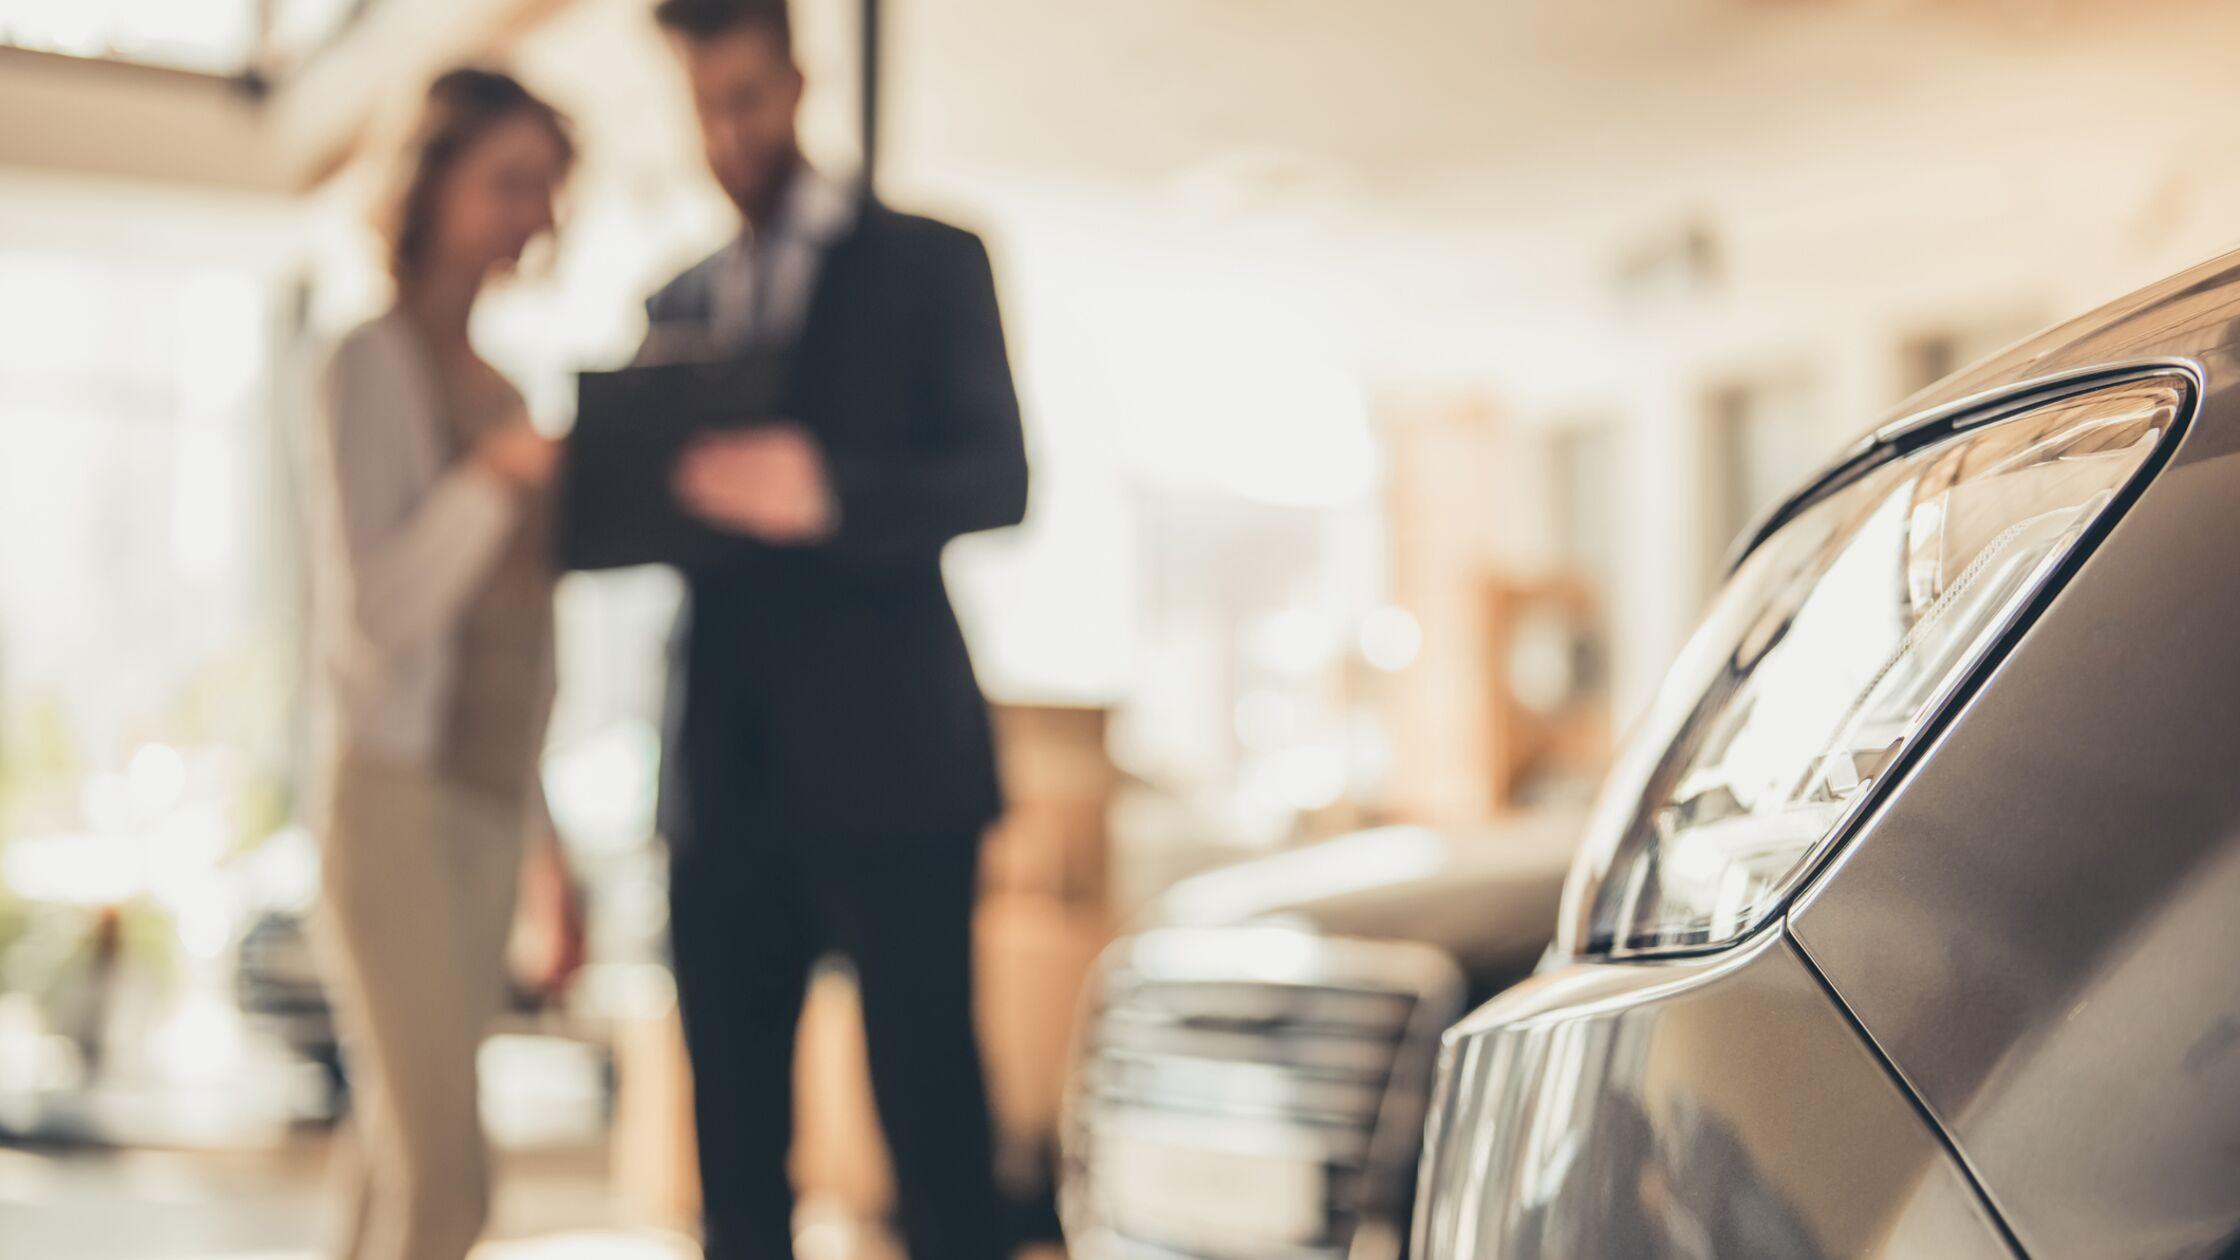 Mann und Frau führen Verkaufsgespräch im Autohaus.